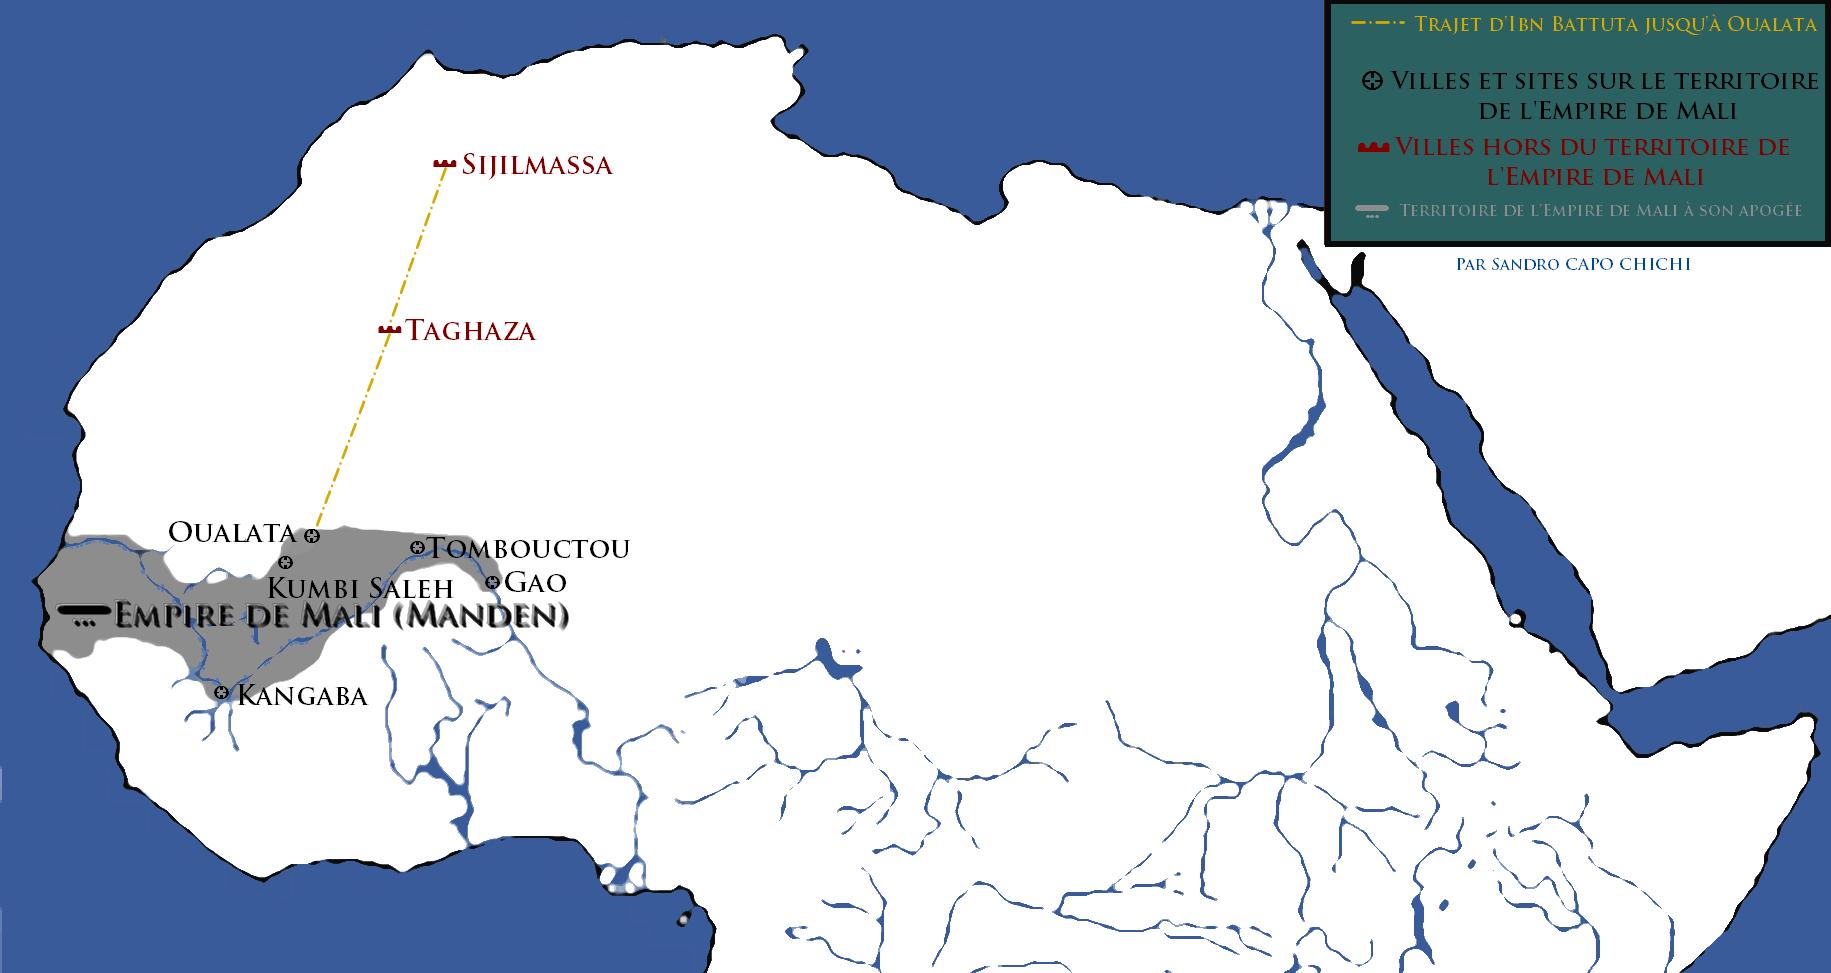 Le statut de la femme dans l'Empire de Mali : Carte représentant l'Empire de Mali à son apogée et le trajet d'Ibn Battuta de Sijlmassa jusqu'à Oualata